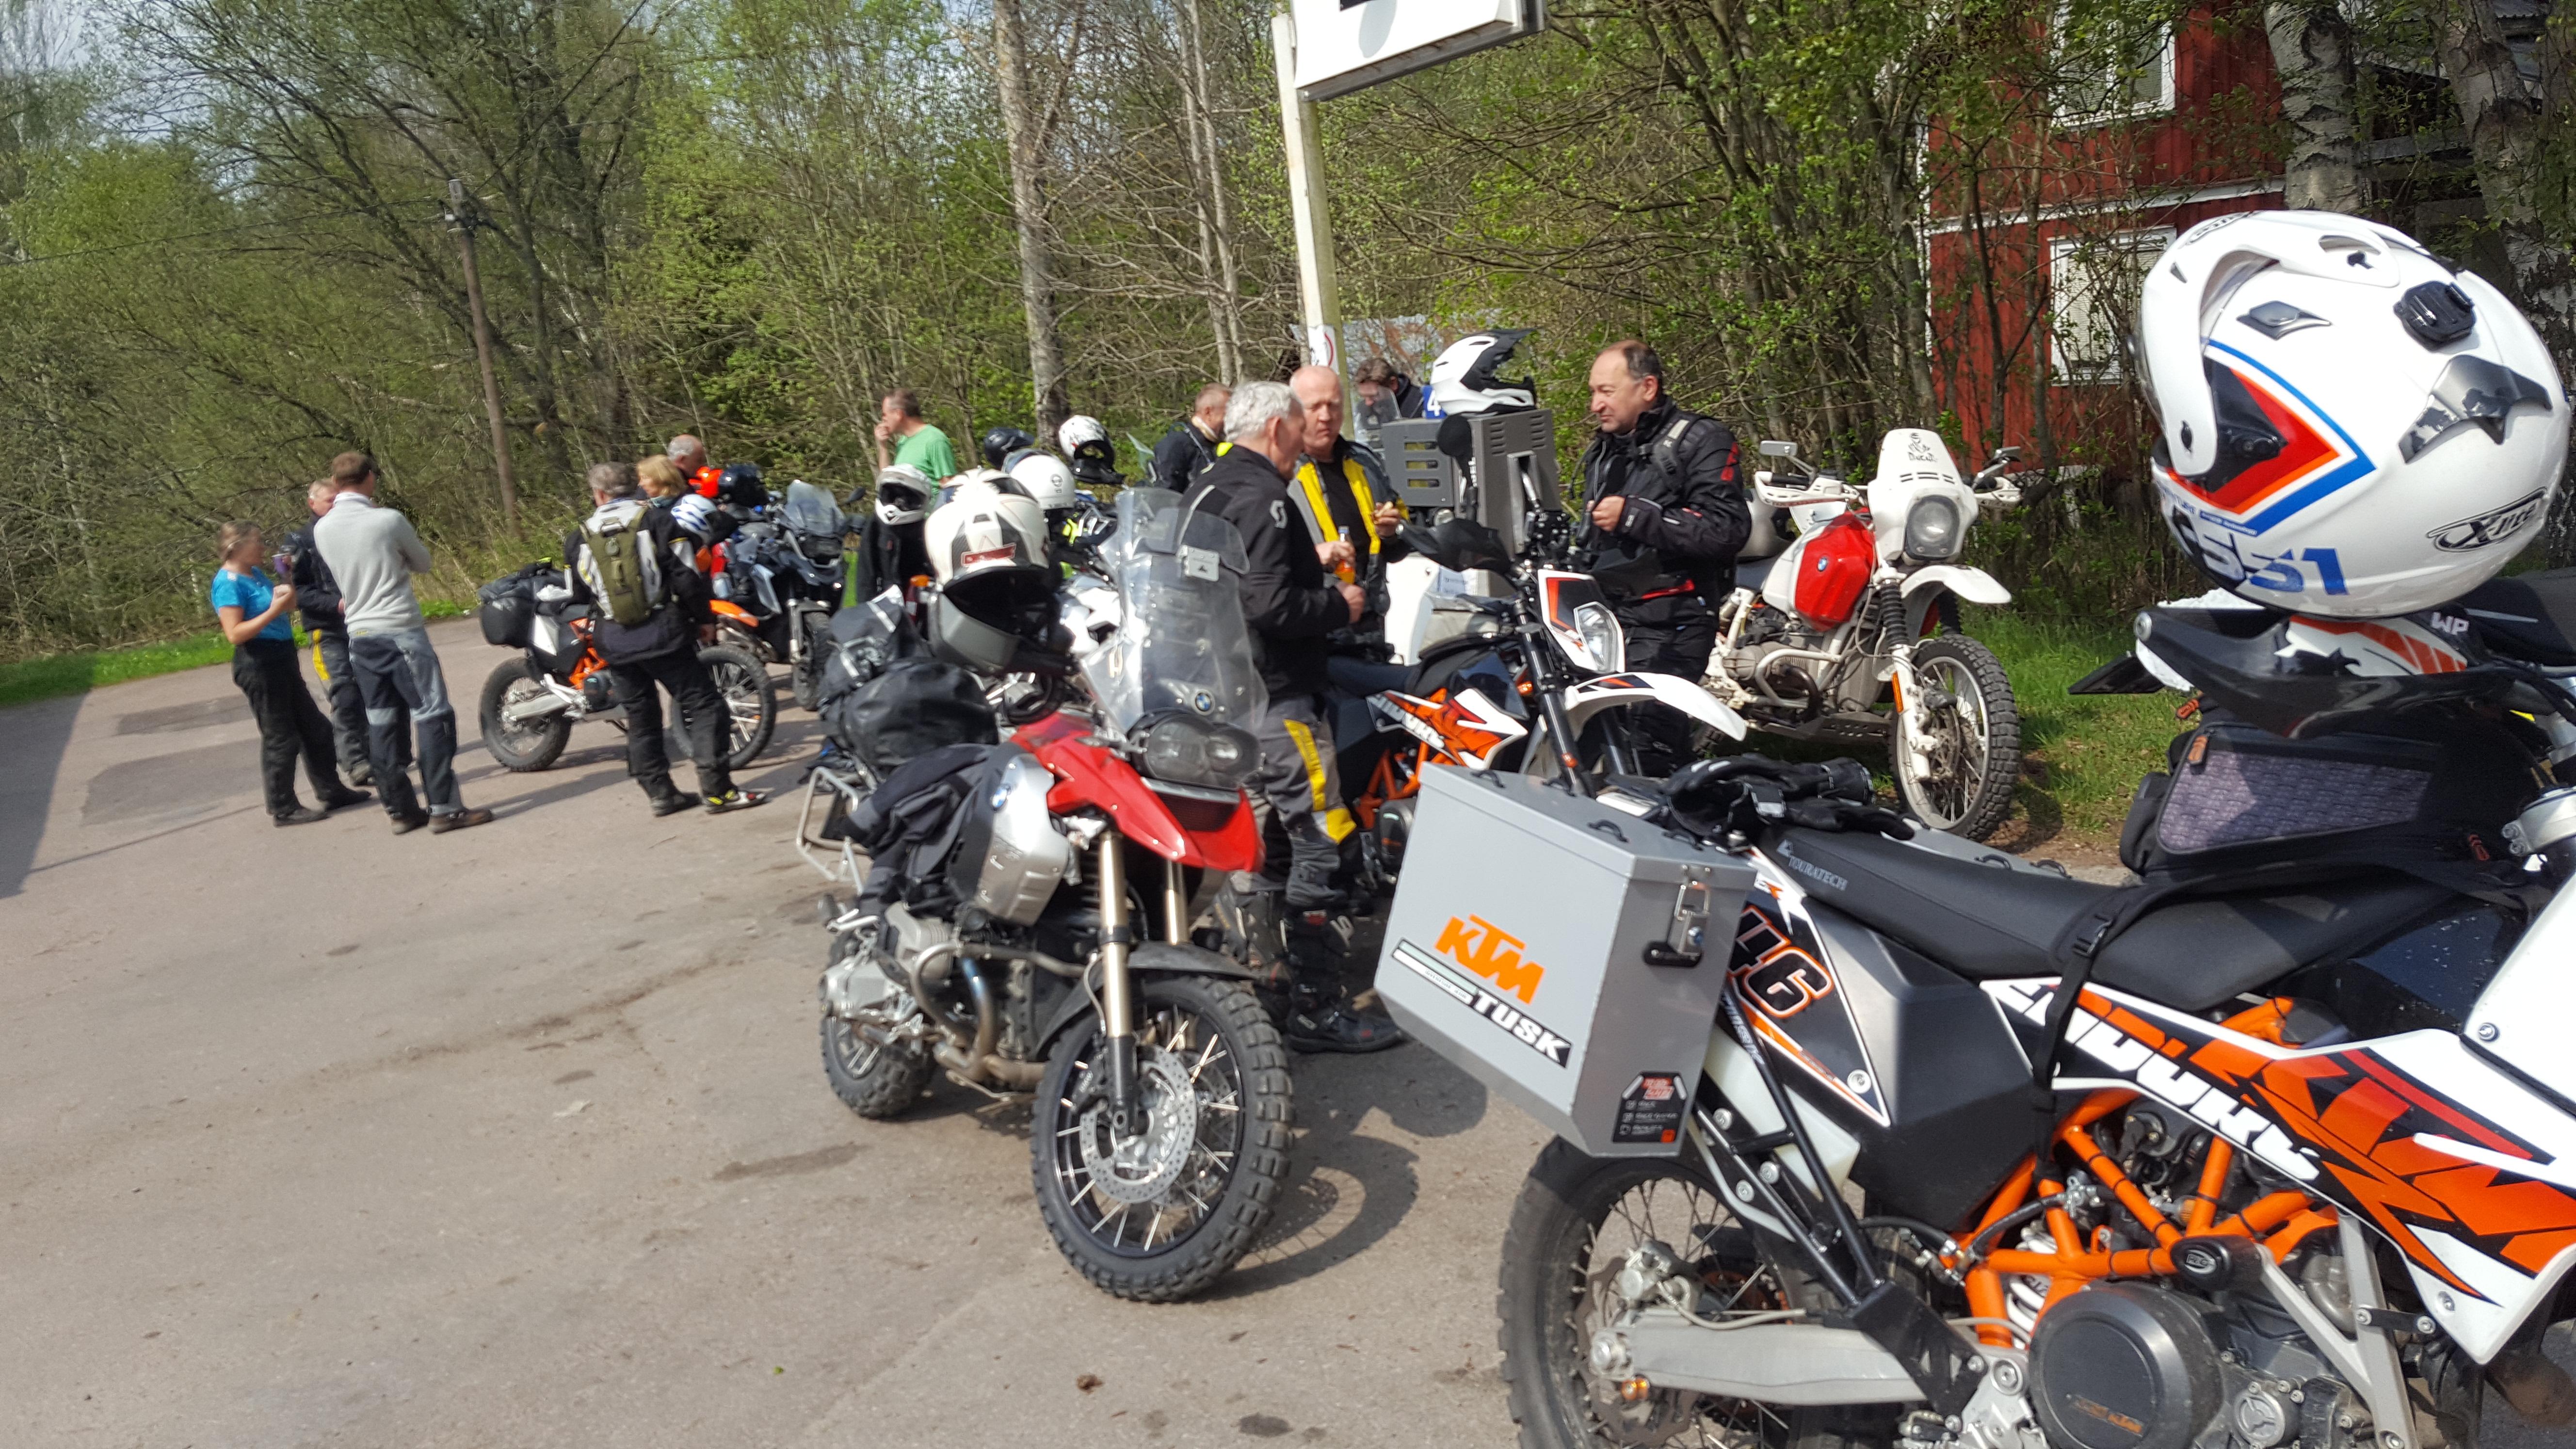 Testtur med Allroad mc, på grusveier i Sverige